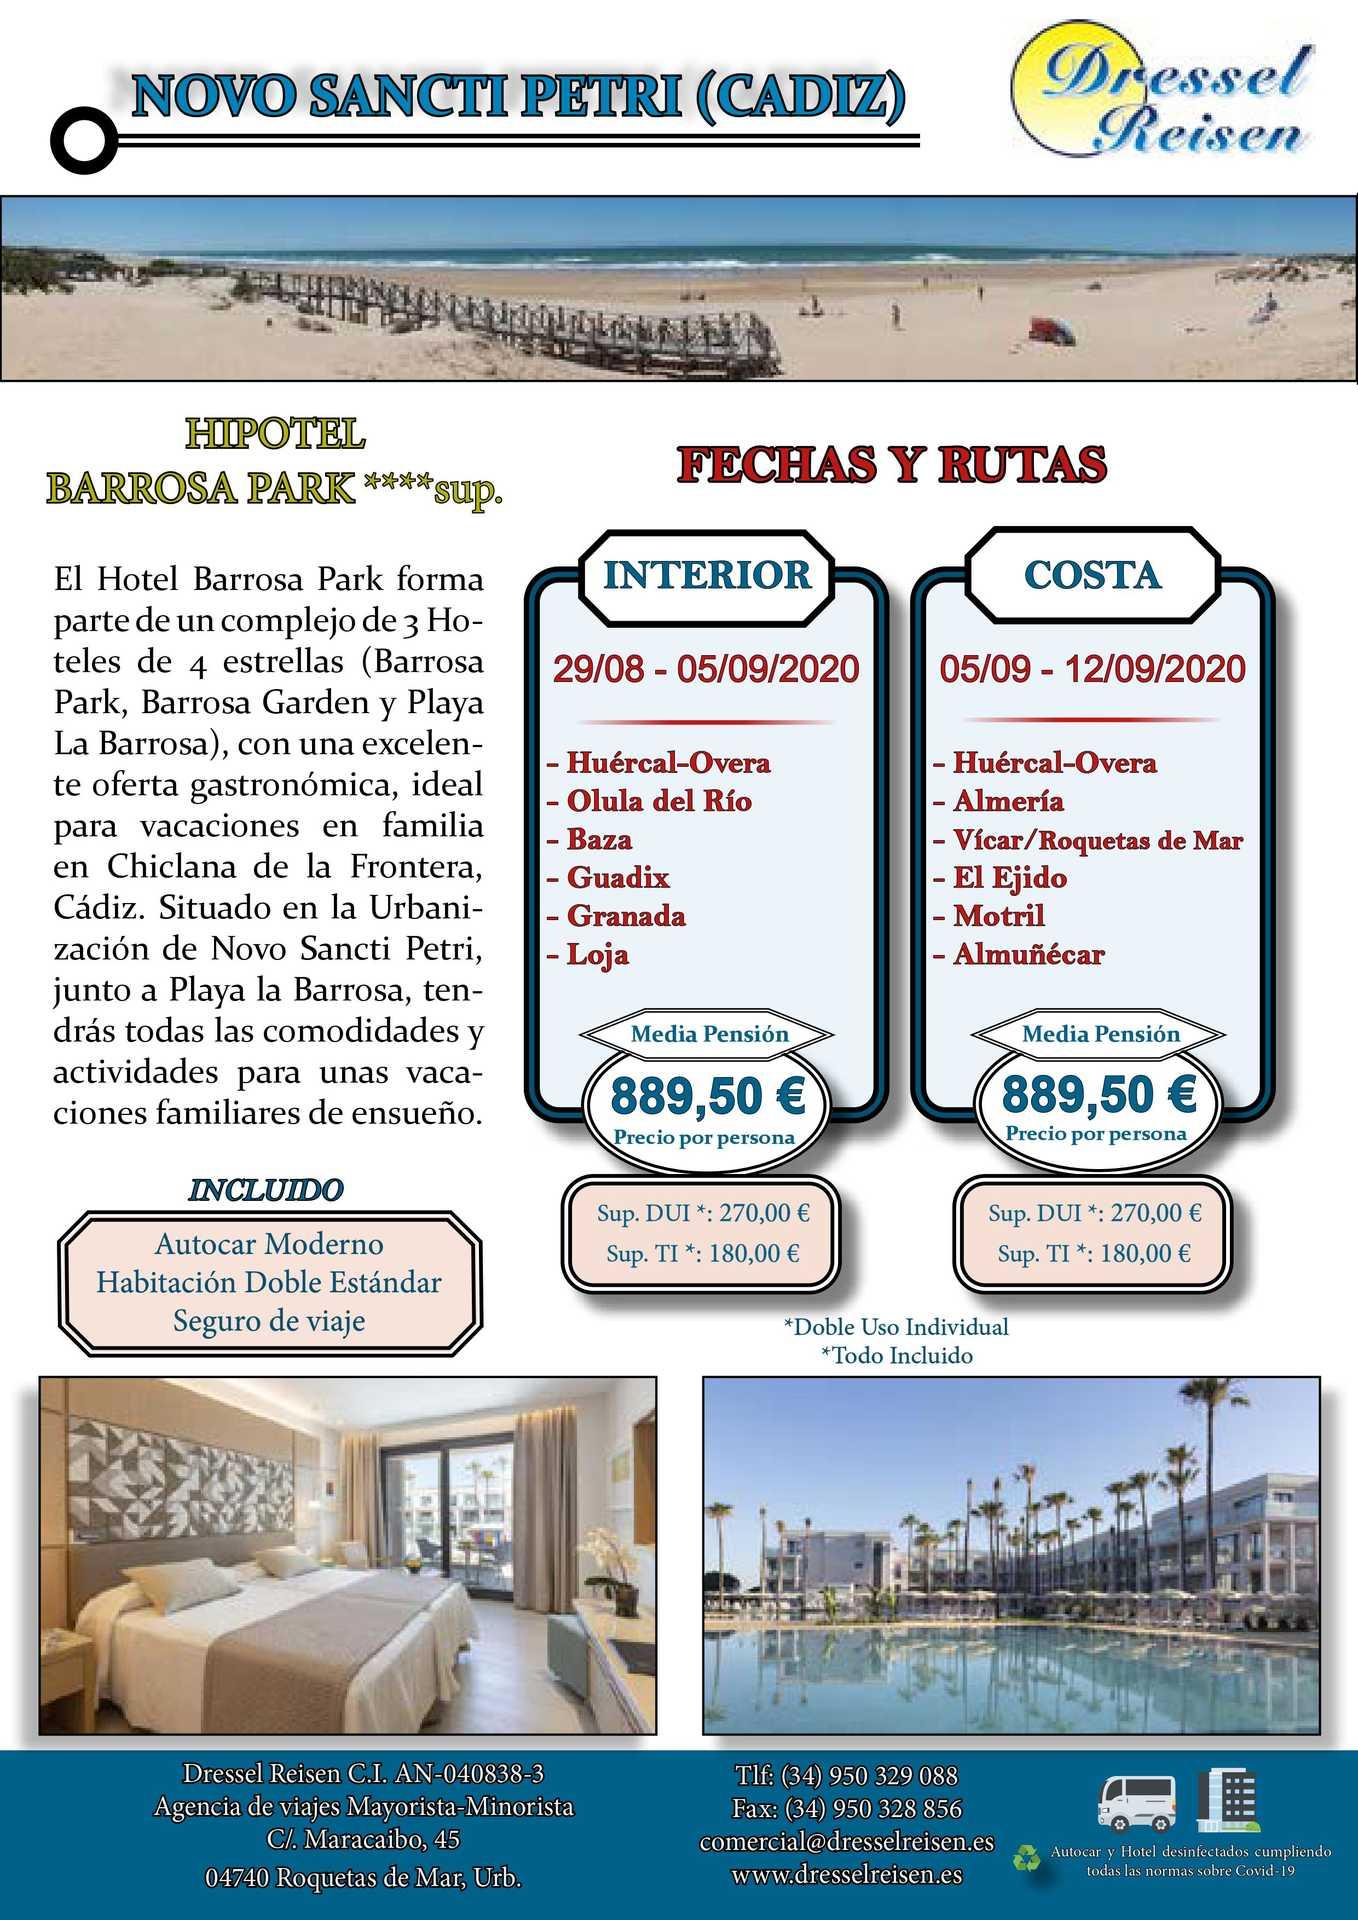 Viaje a La Barrosa (Novo Sancti Petri - Cádiz)